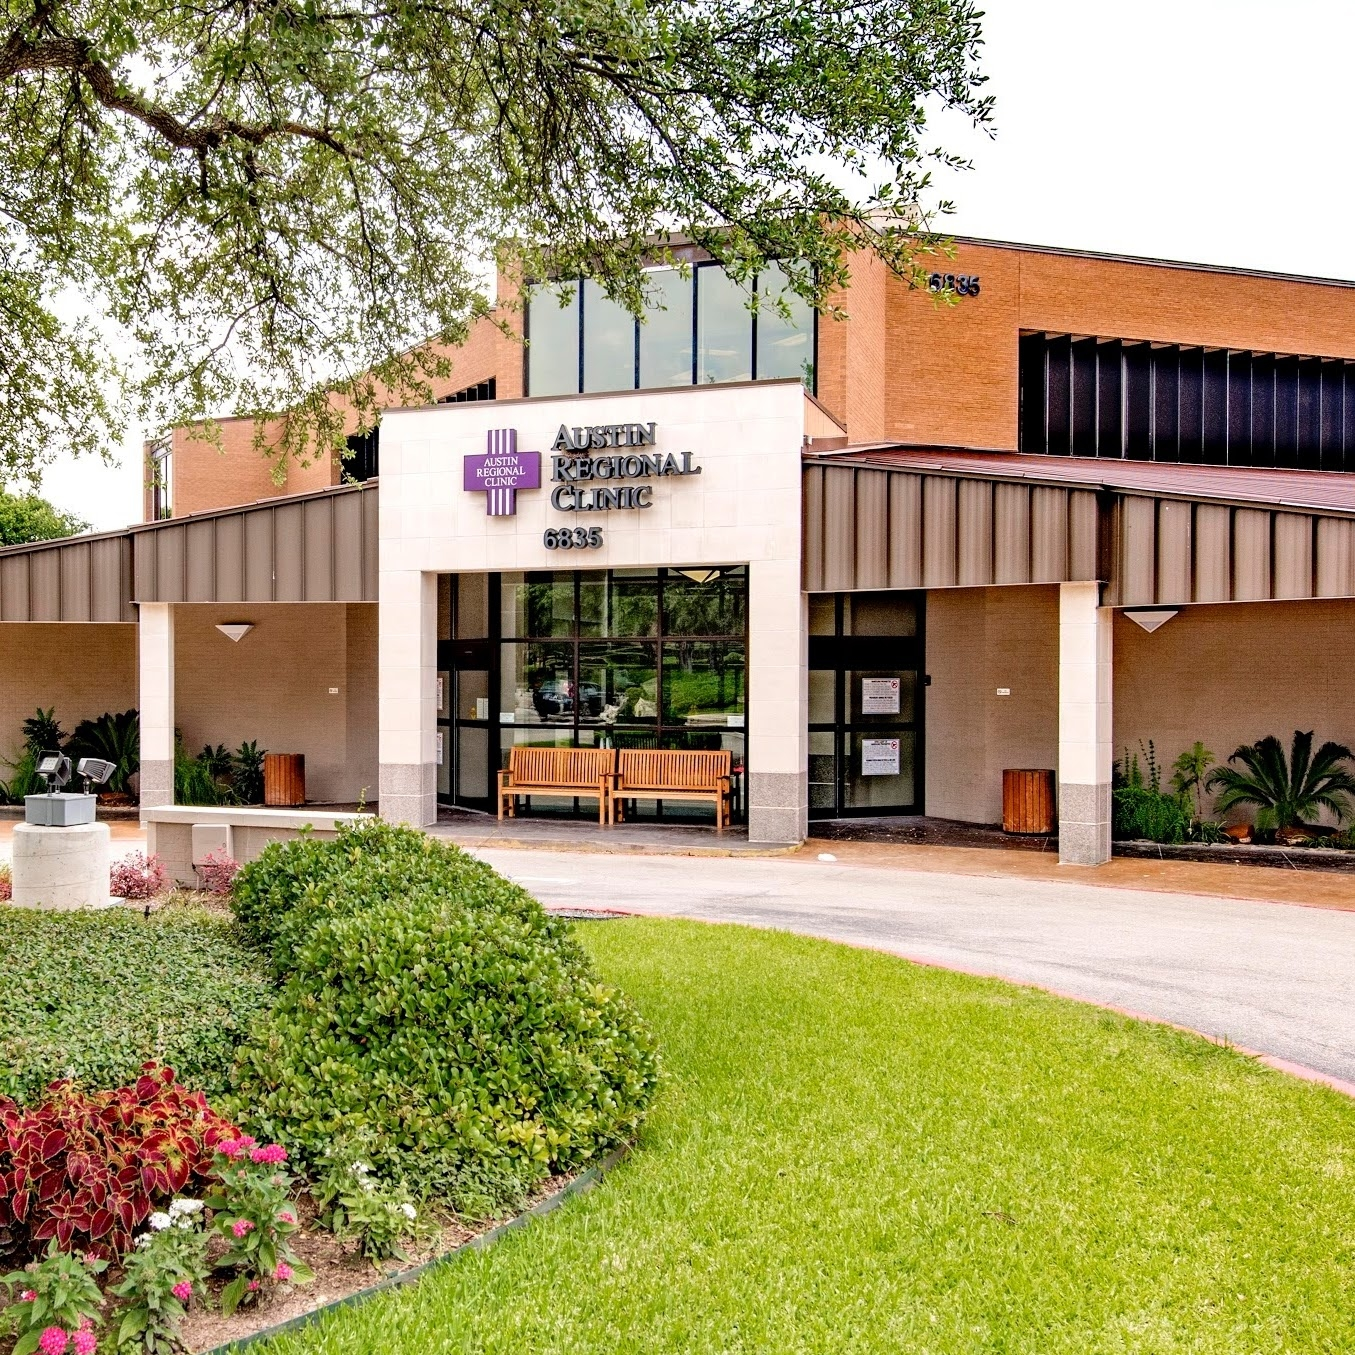 Austin Regional Clinic: ARC  Far West